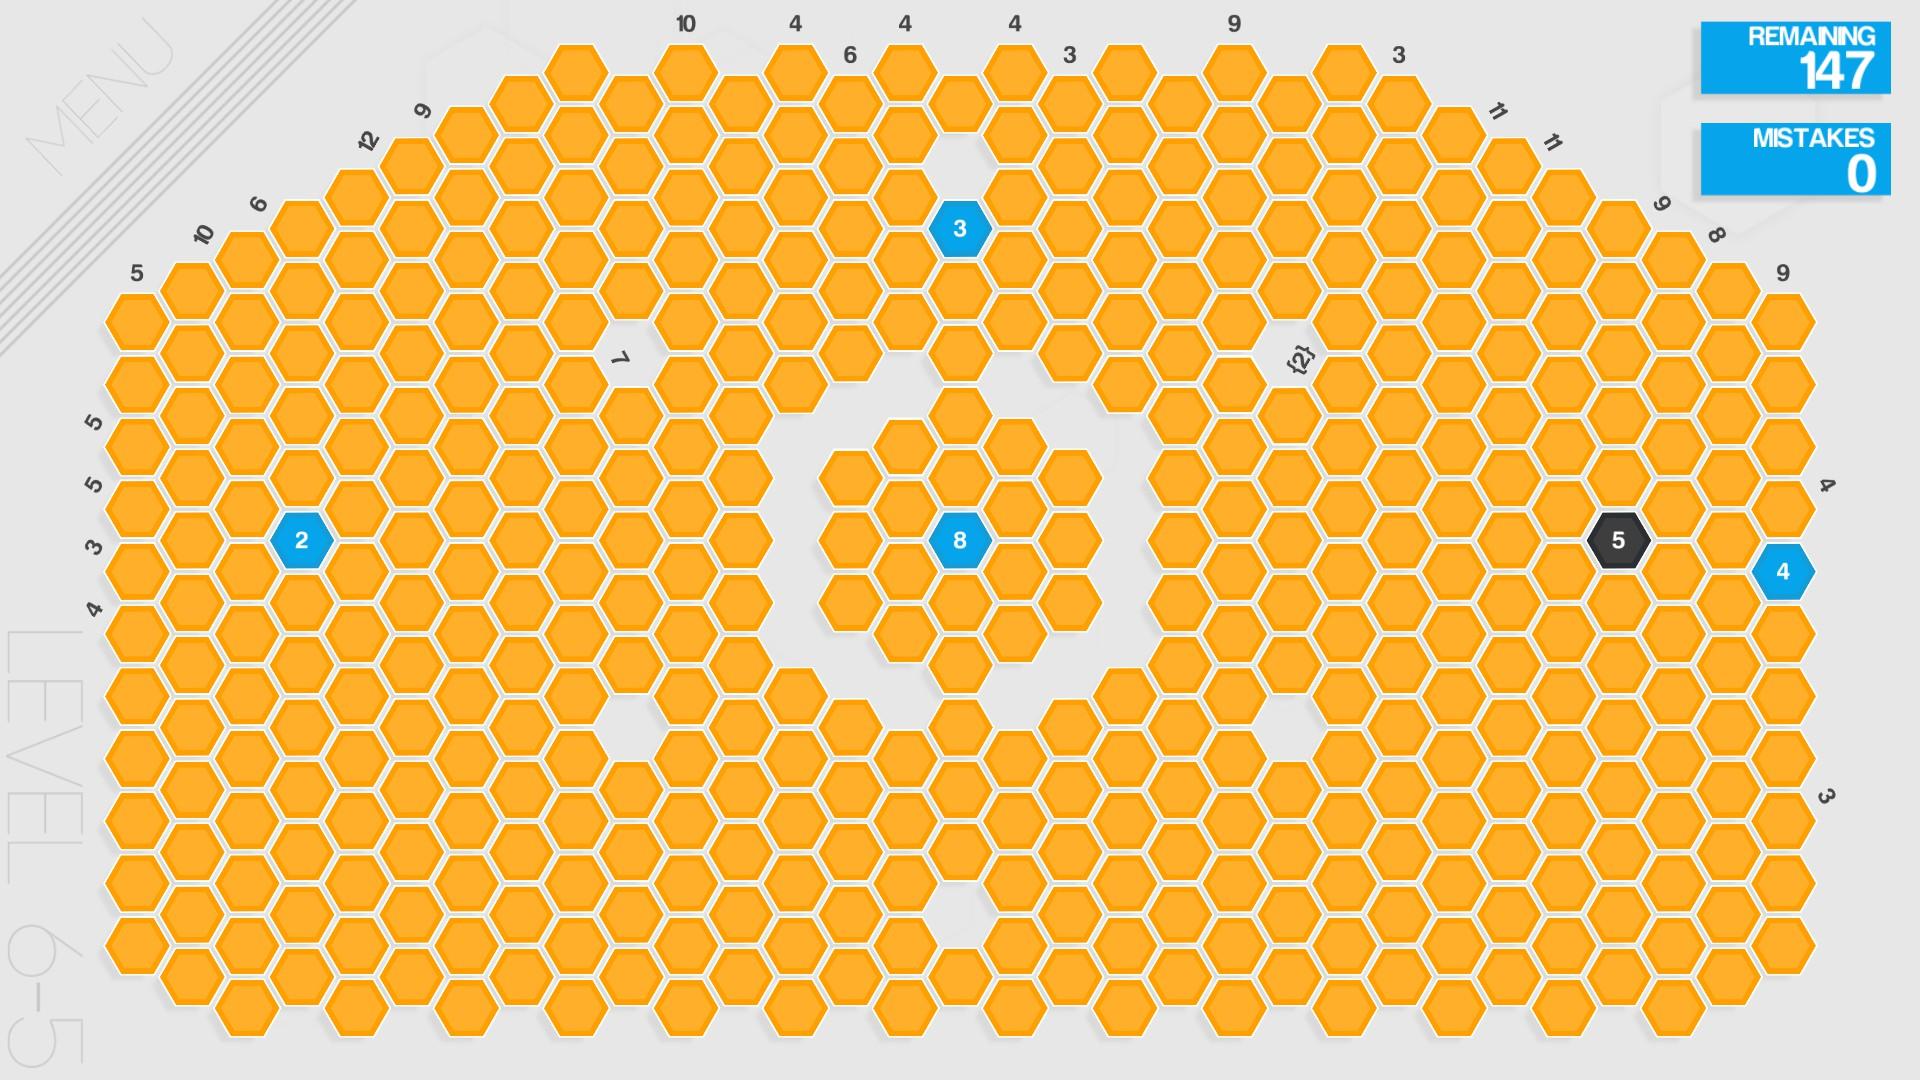 Mých 12 nejoblíbenějších minimalistických logických her 12615